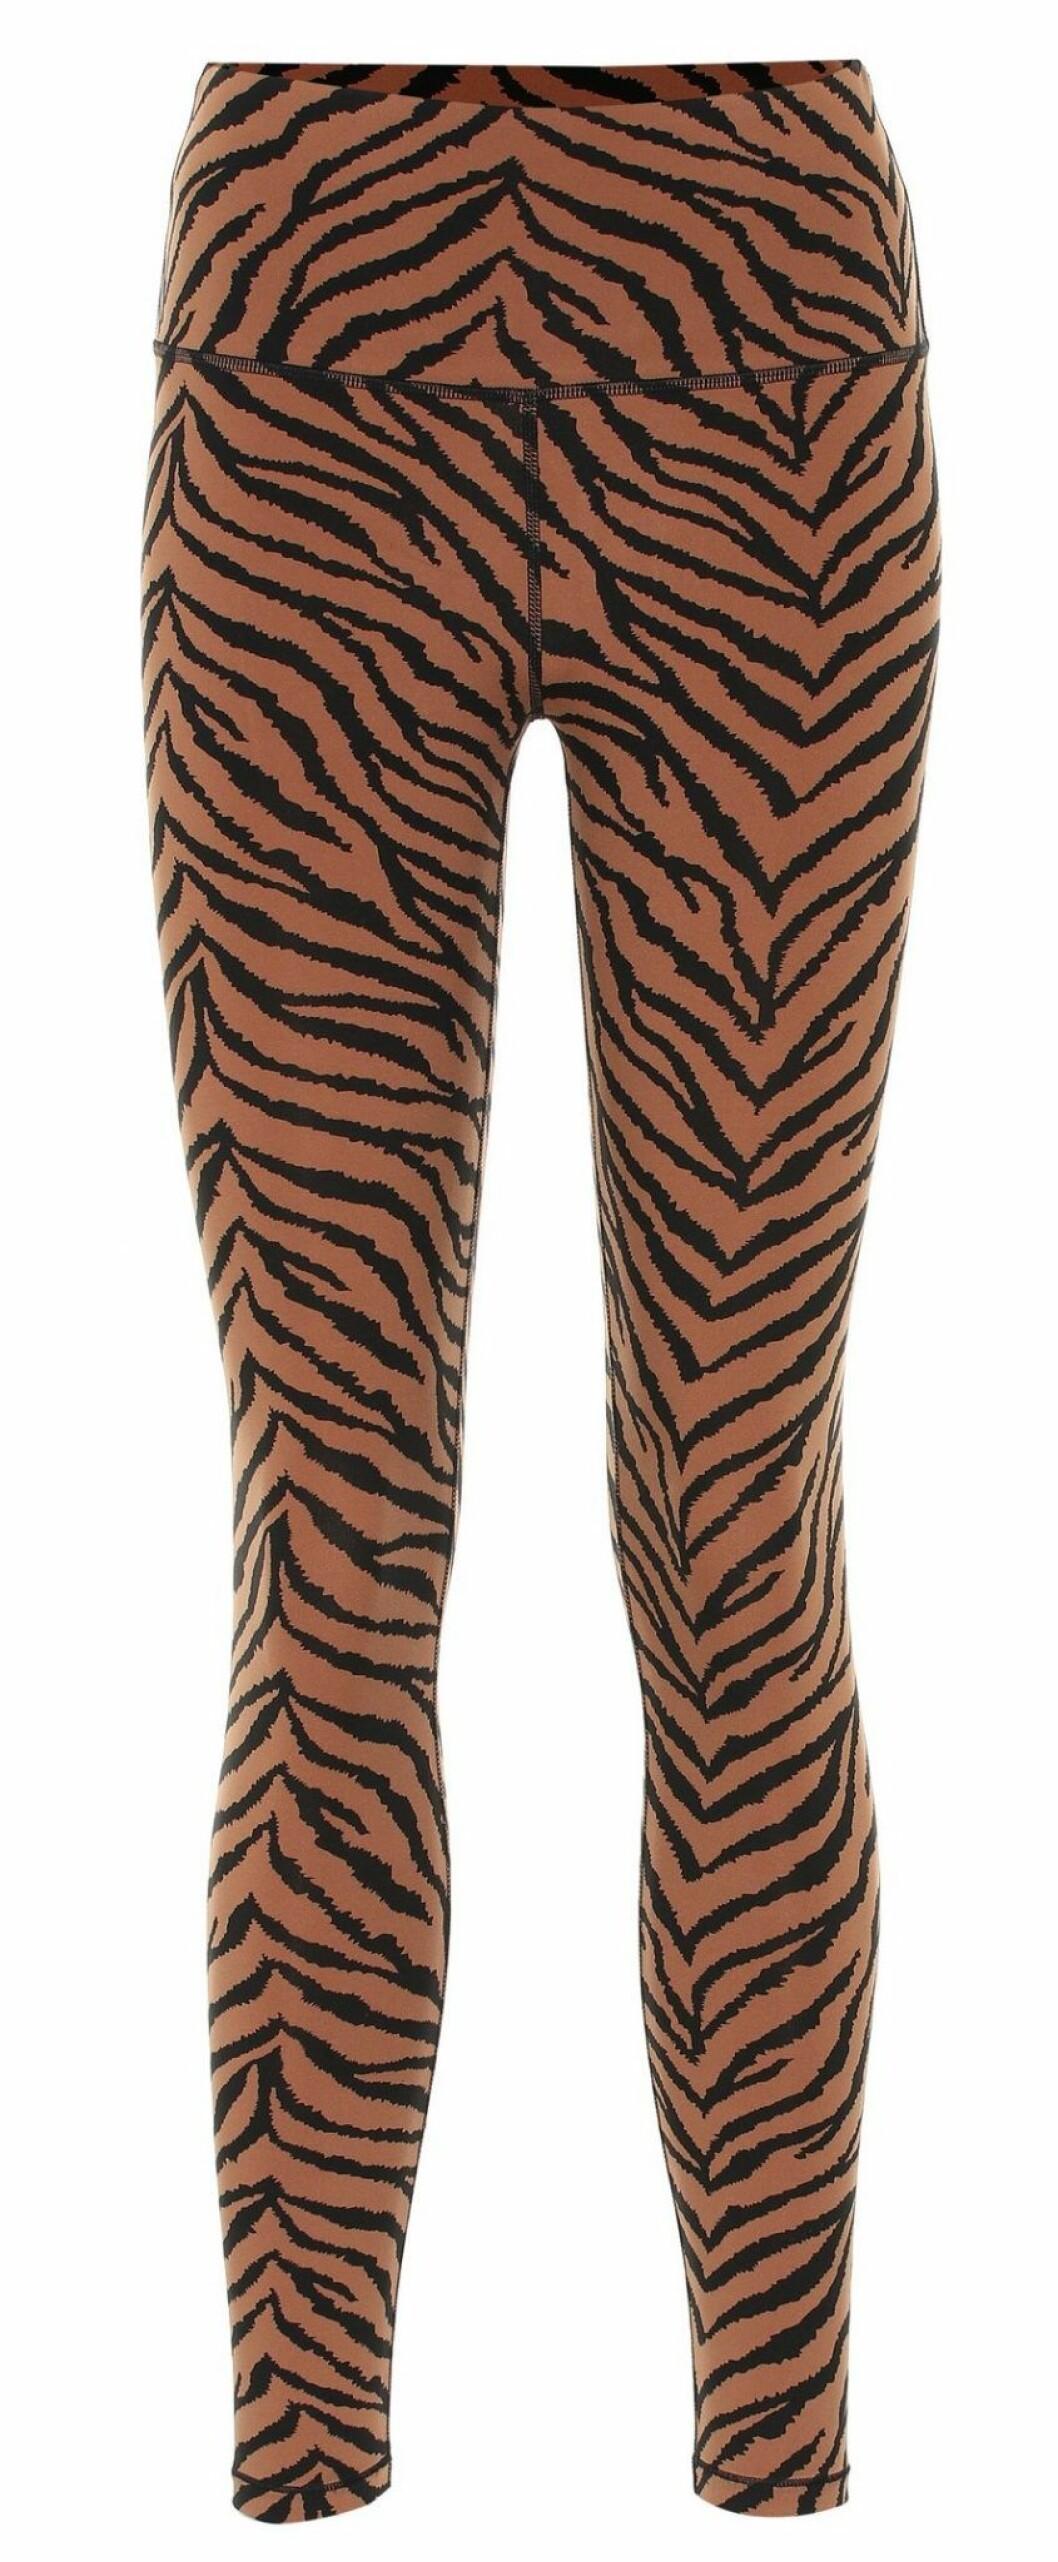 Varför inte satsa leggings i säsongens trendigaste djurprint? Som detta par från Varley med snyggt zebramönster